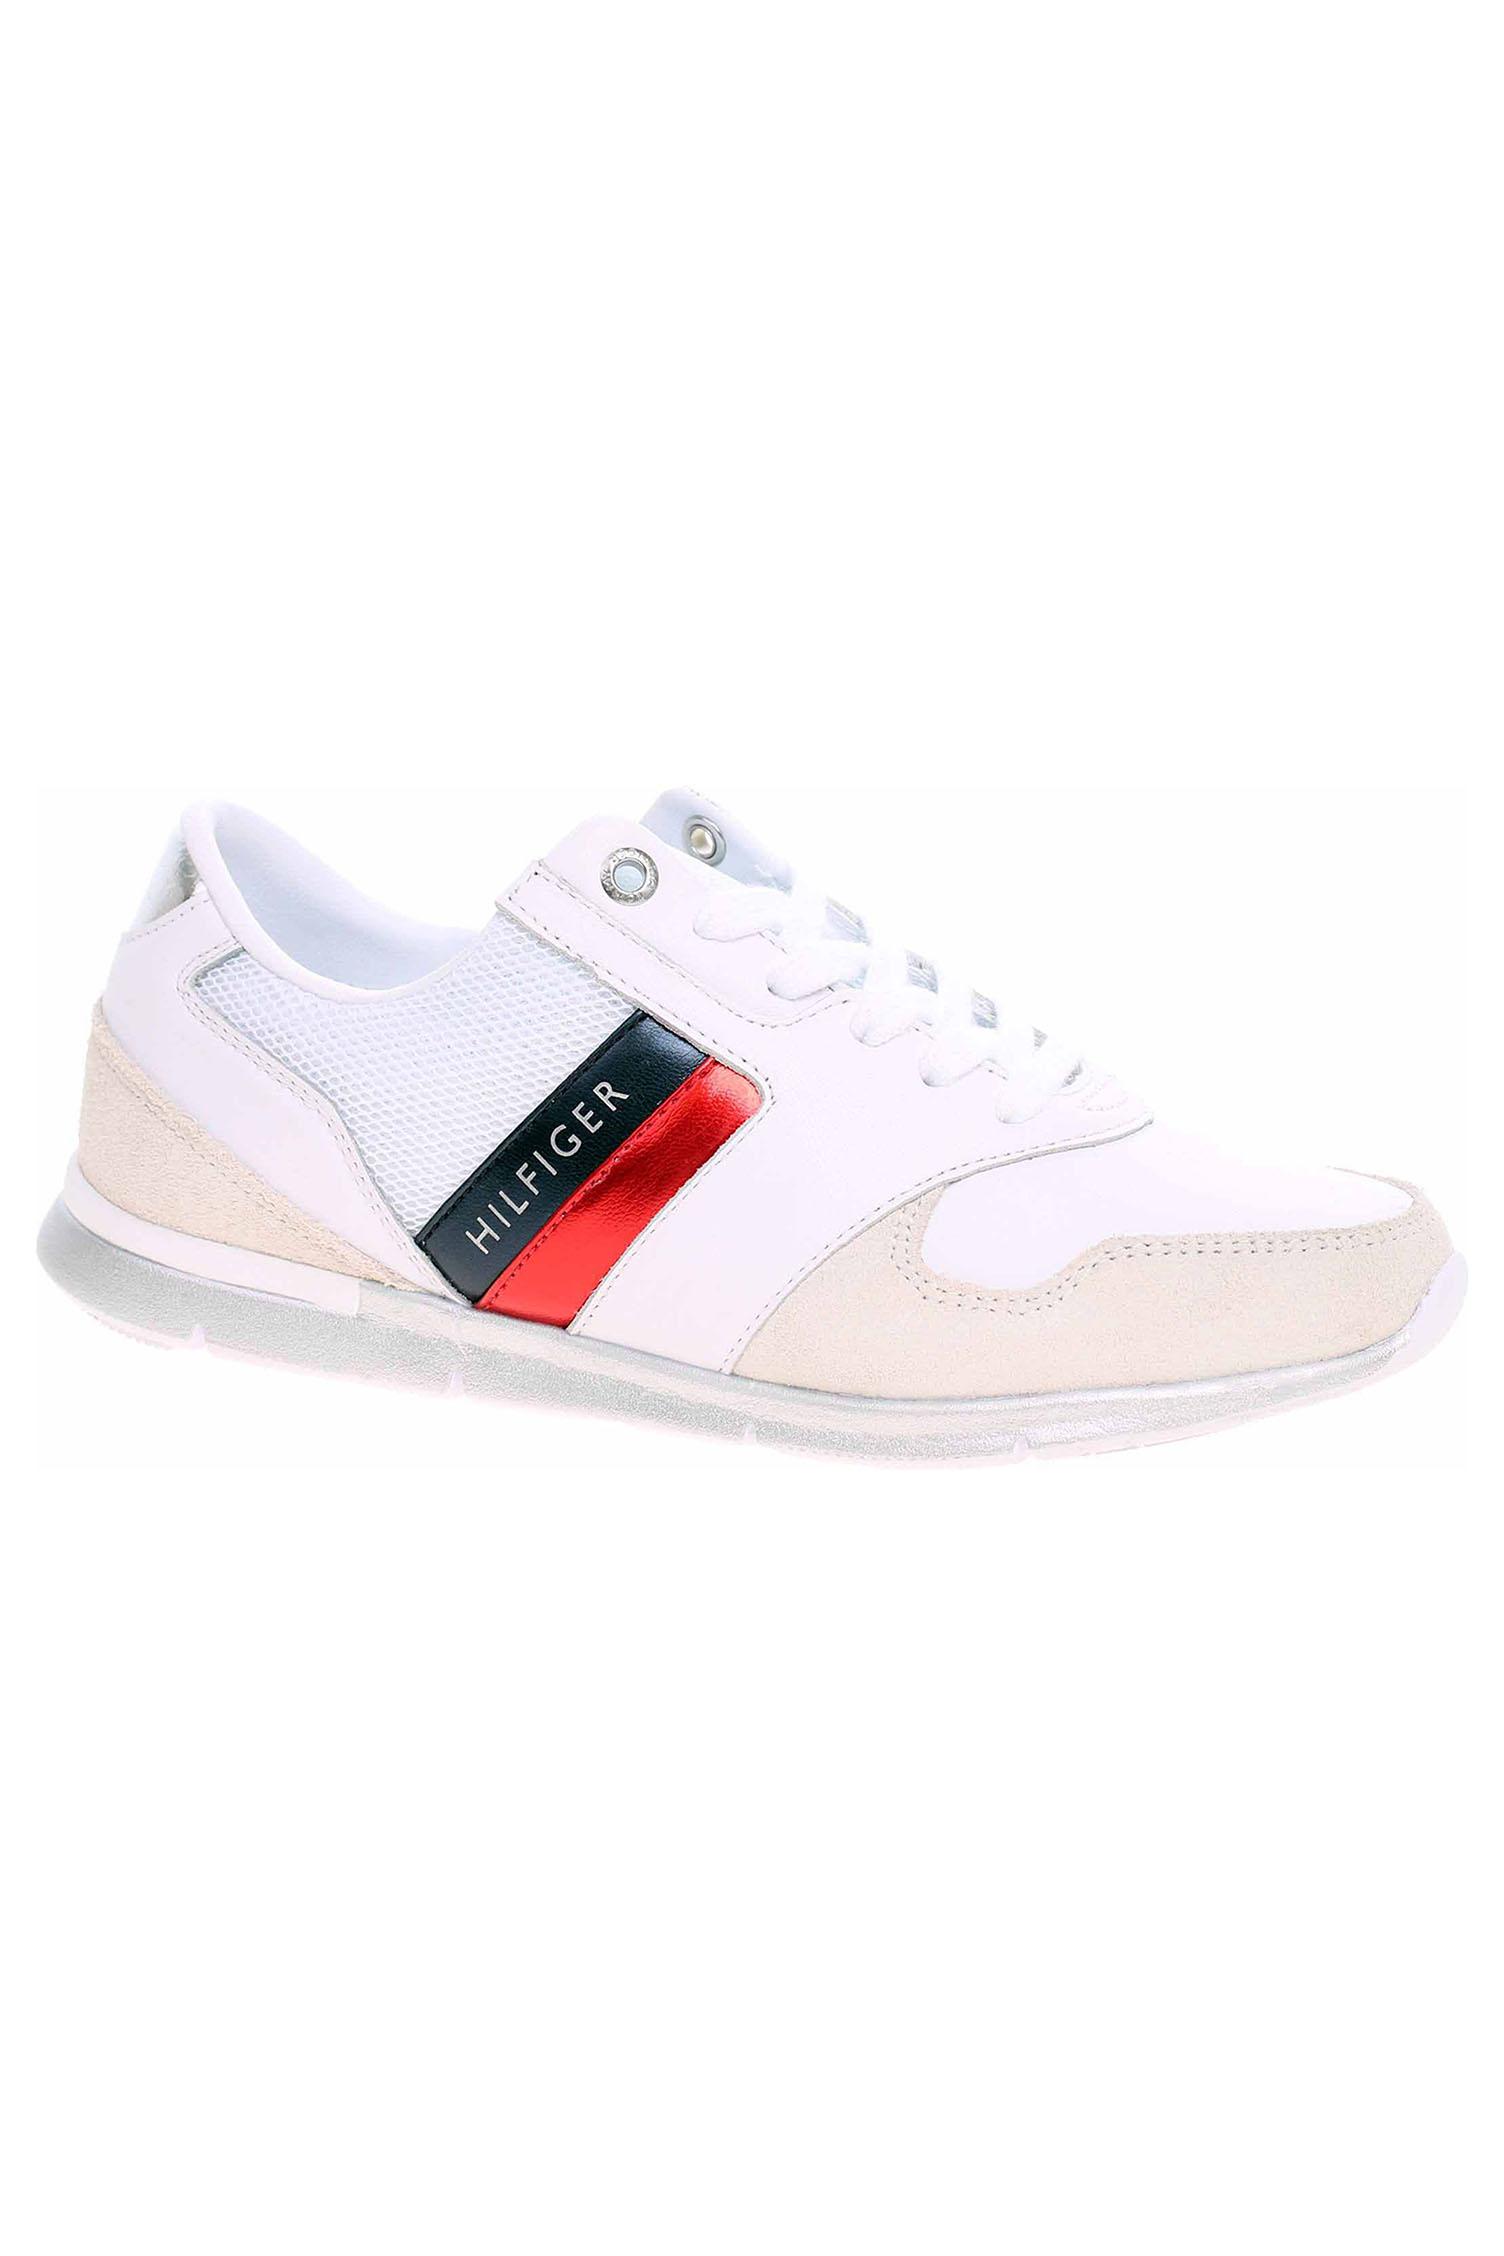 75275de2c6 Dámská obuv Tommy Hilfiger FW0FW03785 020 rwb FW0FW03785 020 - Glami.sk